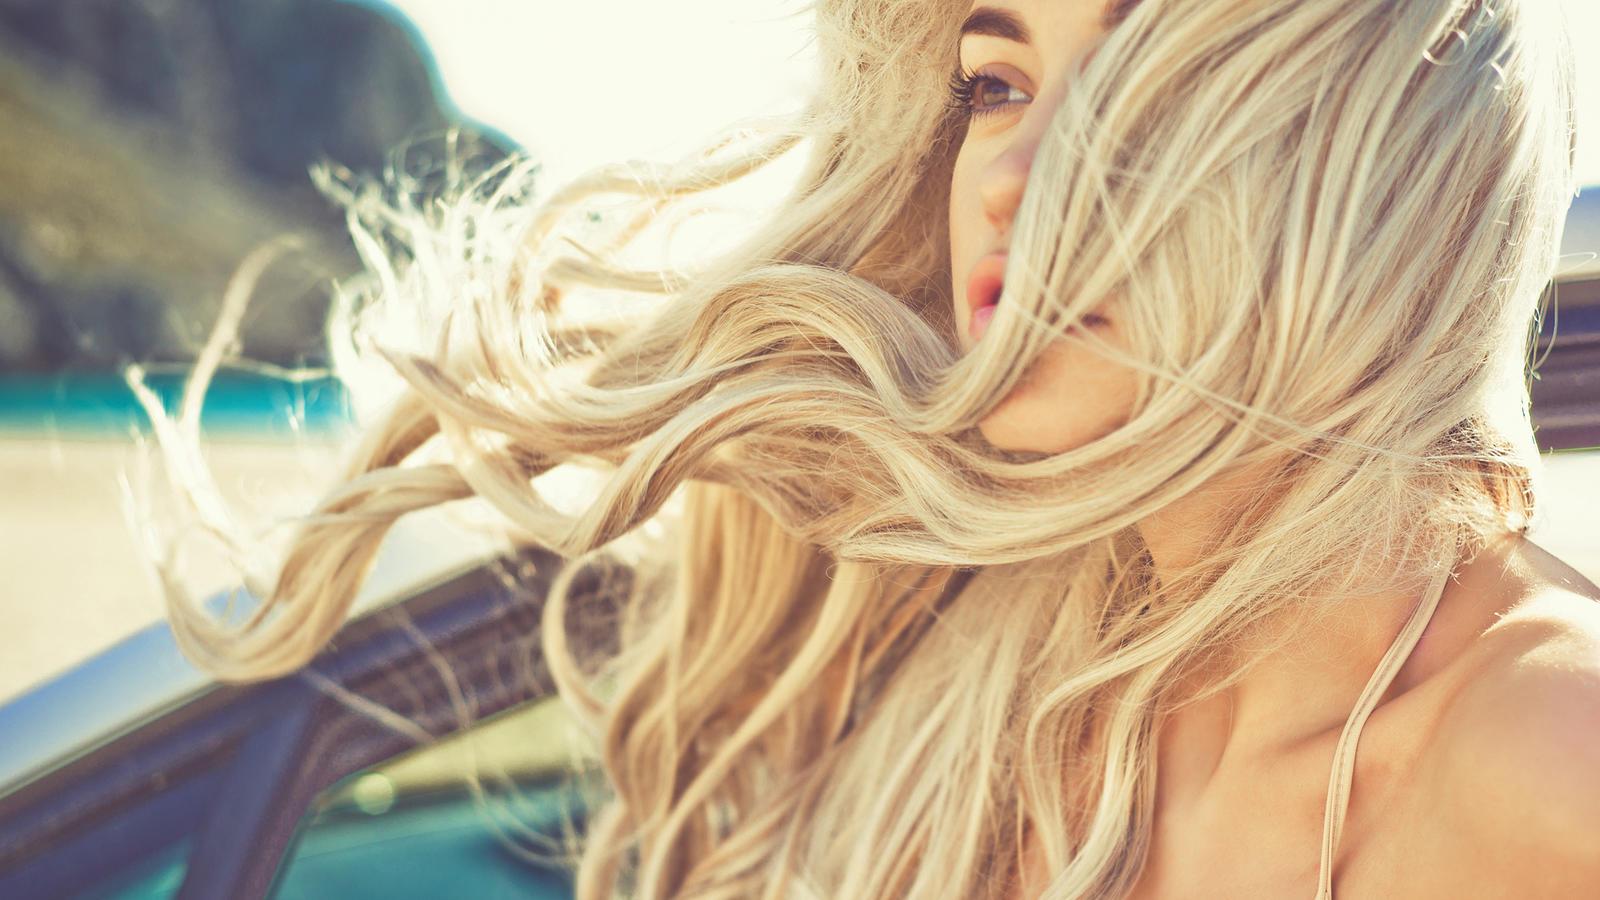 Aufhellen haare natürlich schwarz gefärbte Dunkle Haare